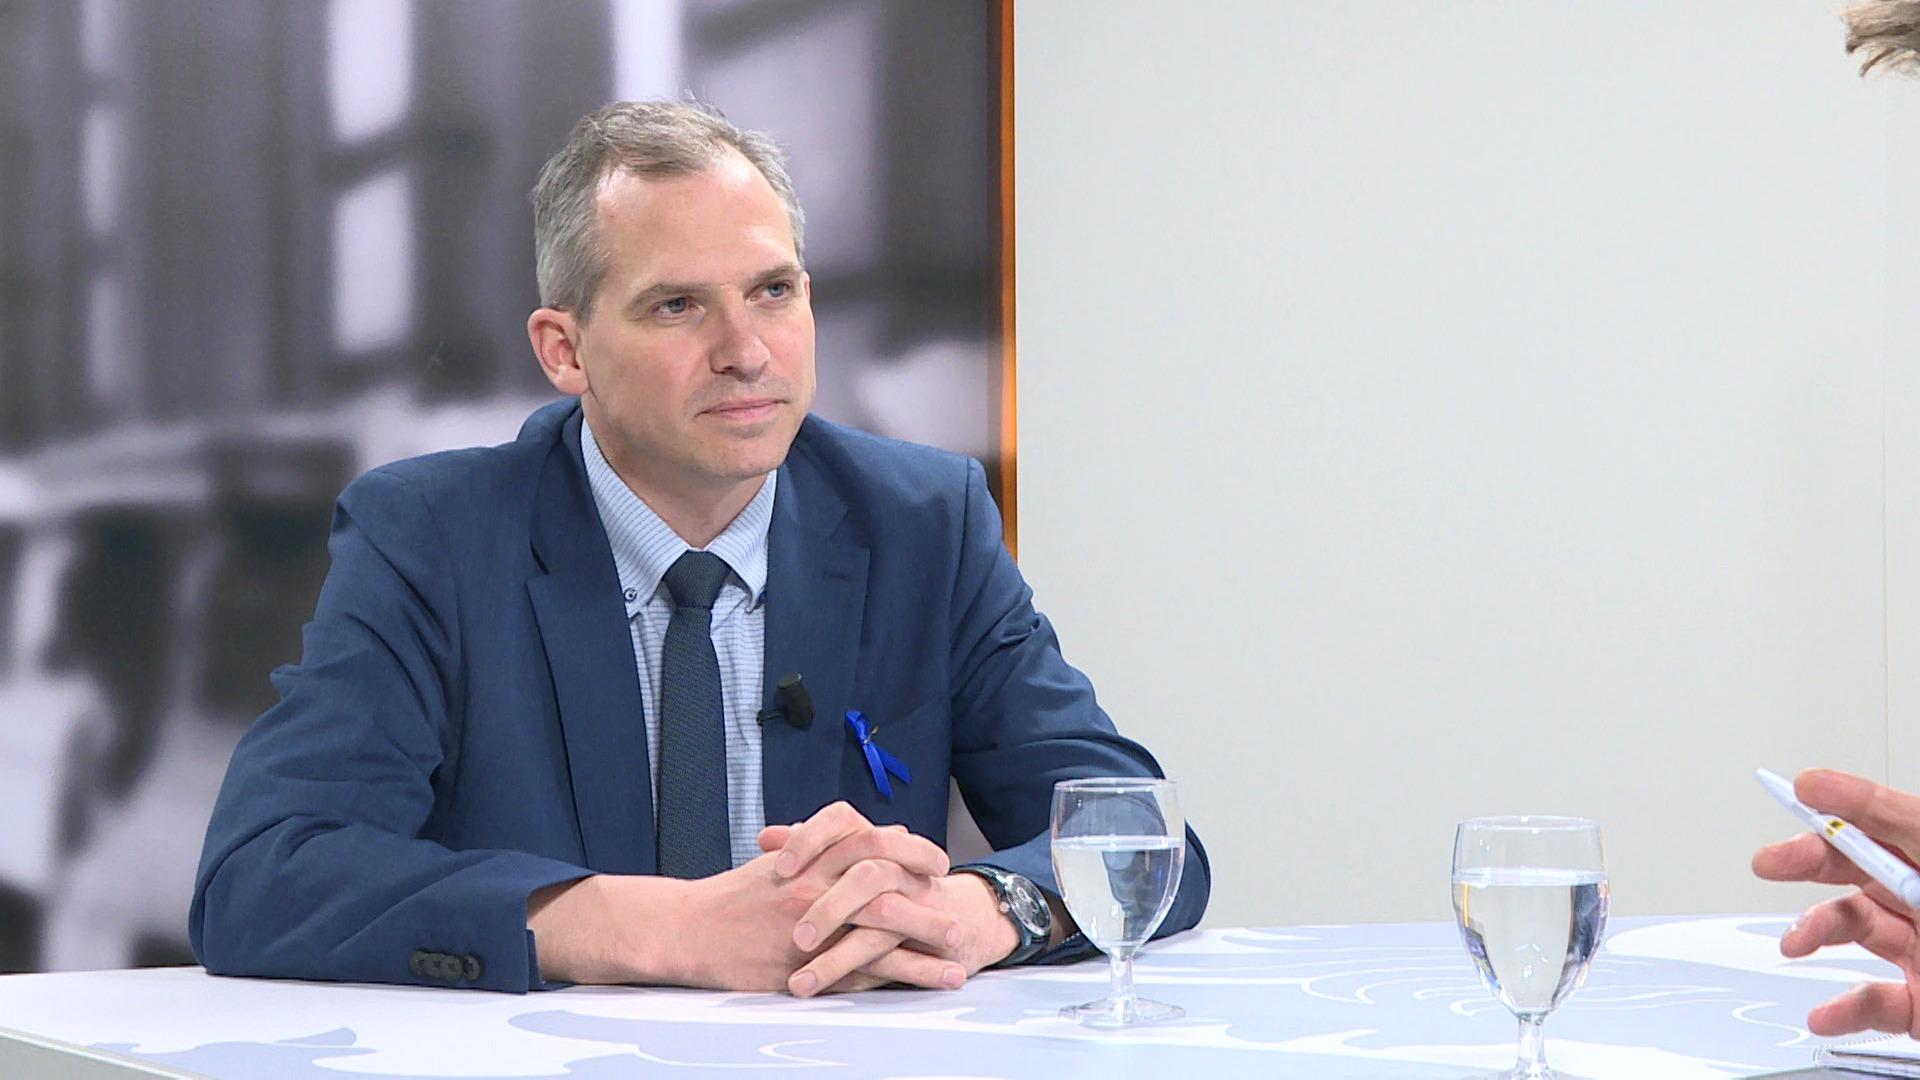 Studio Vlaams Parlement: Matthias Diependaele over een nakende no-dealbrexit